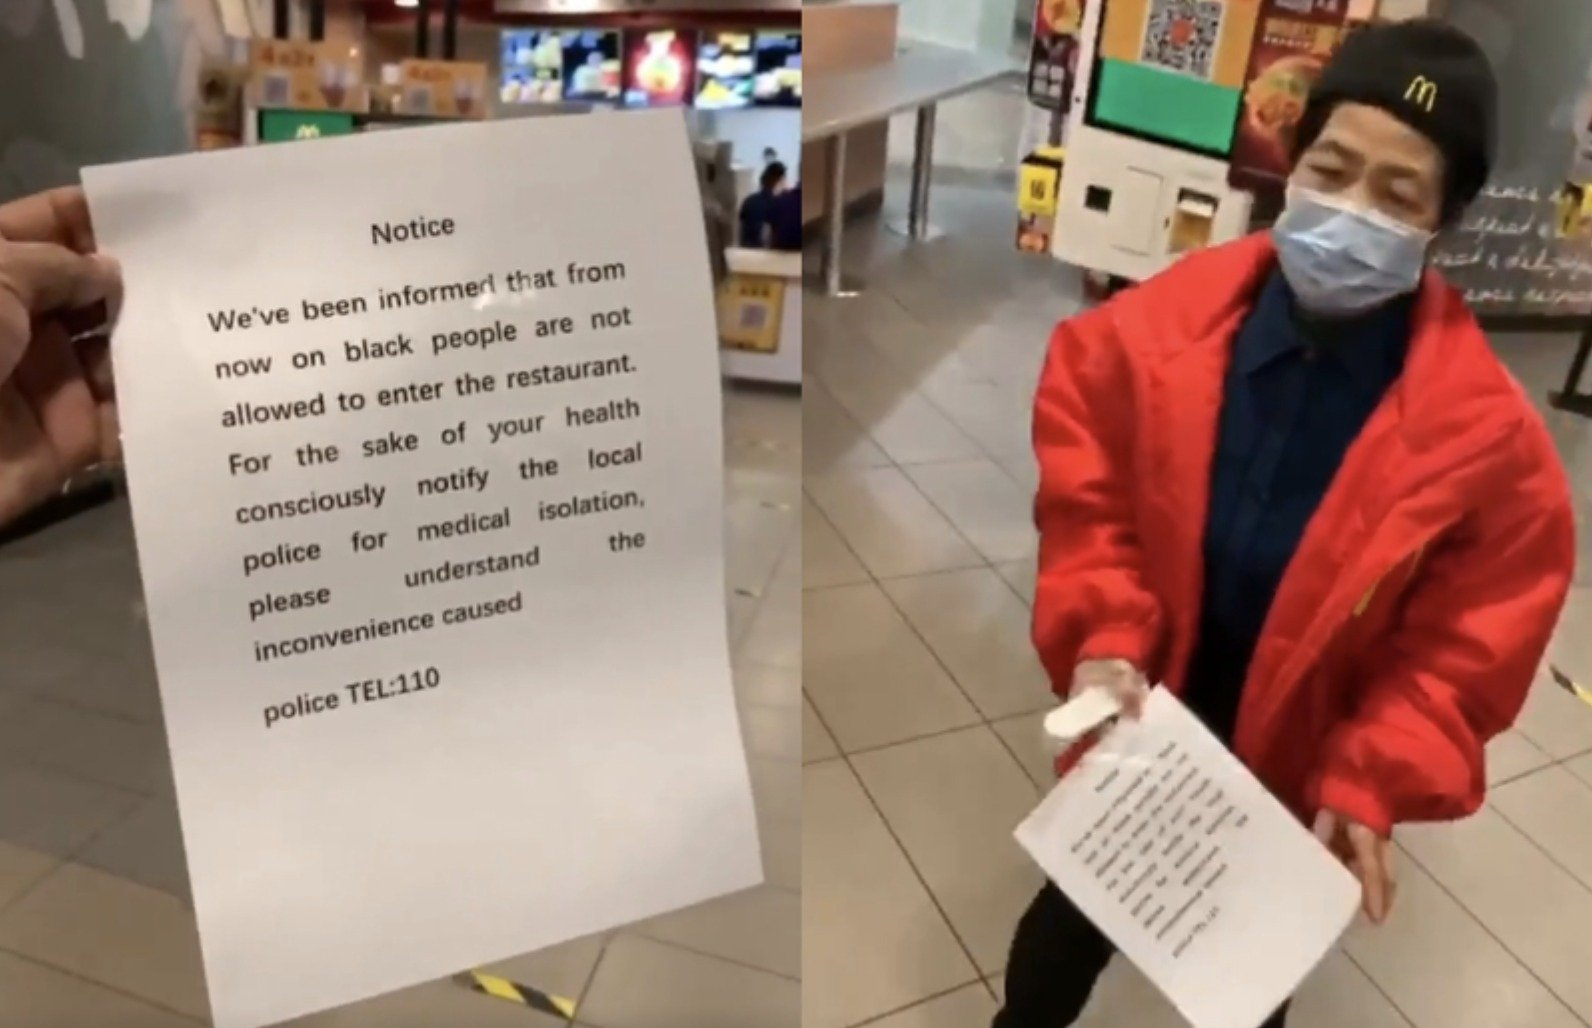 廣州一間麥當勞出現告示,禁止非洲人進入。(網絡視頻截圖)